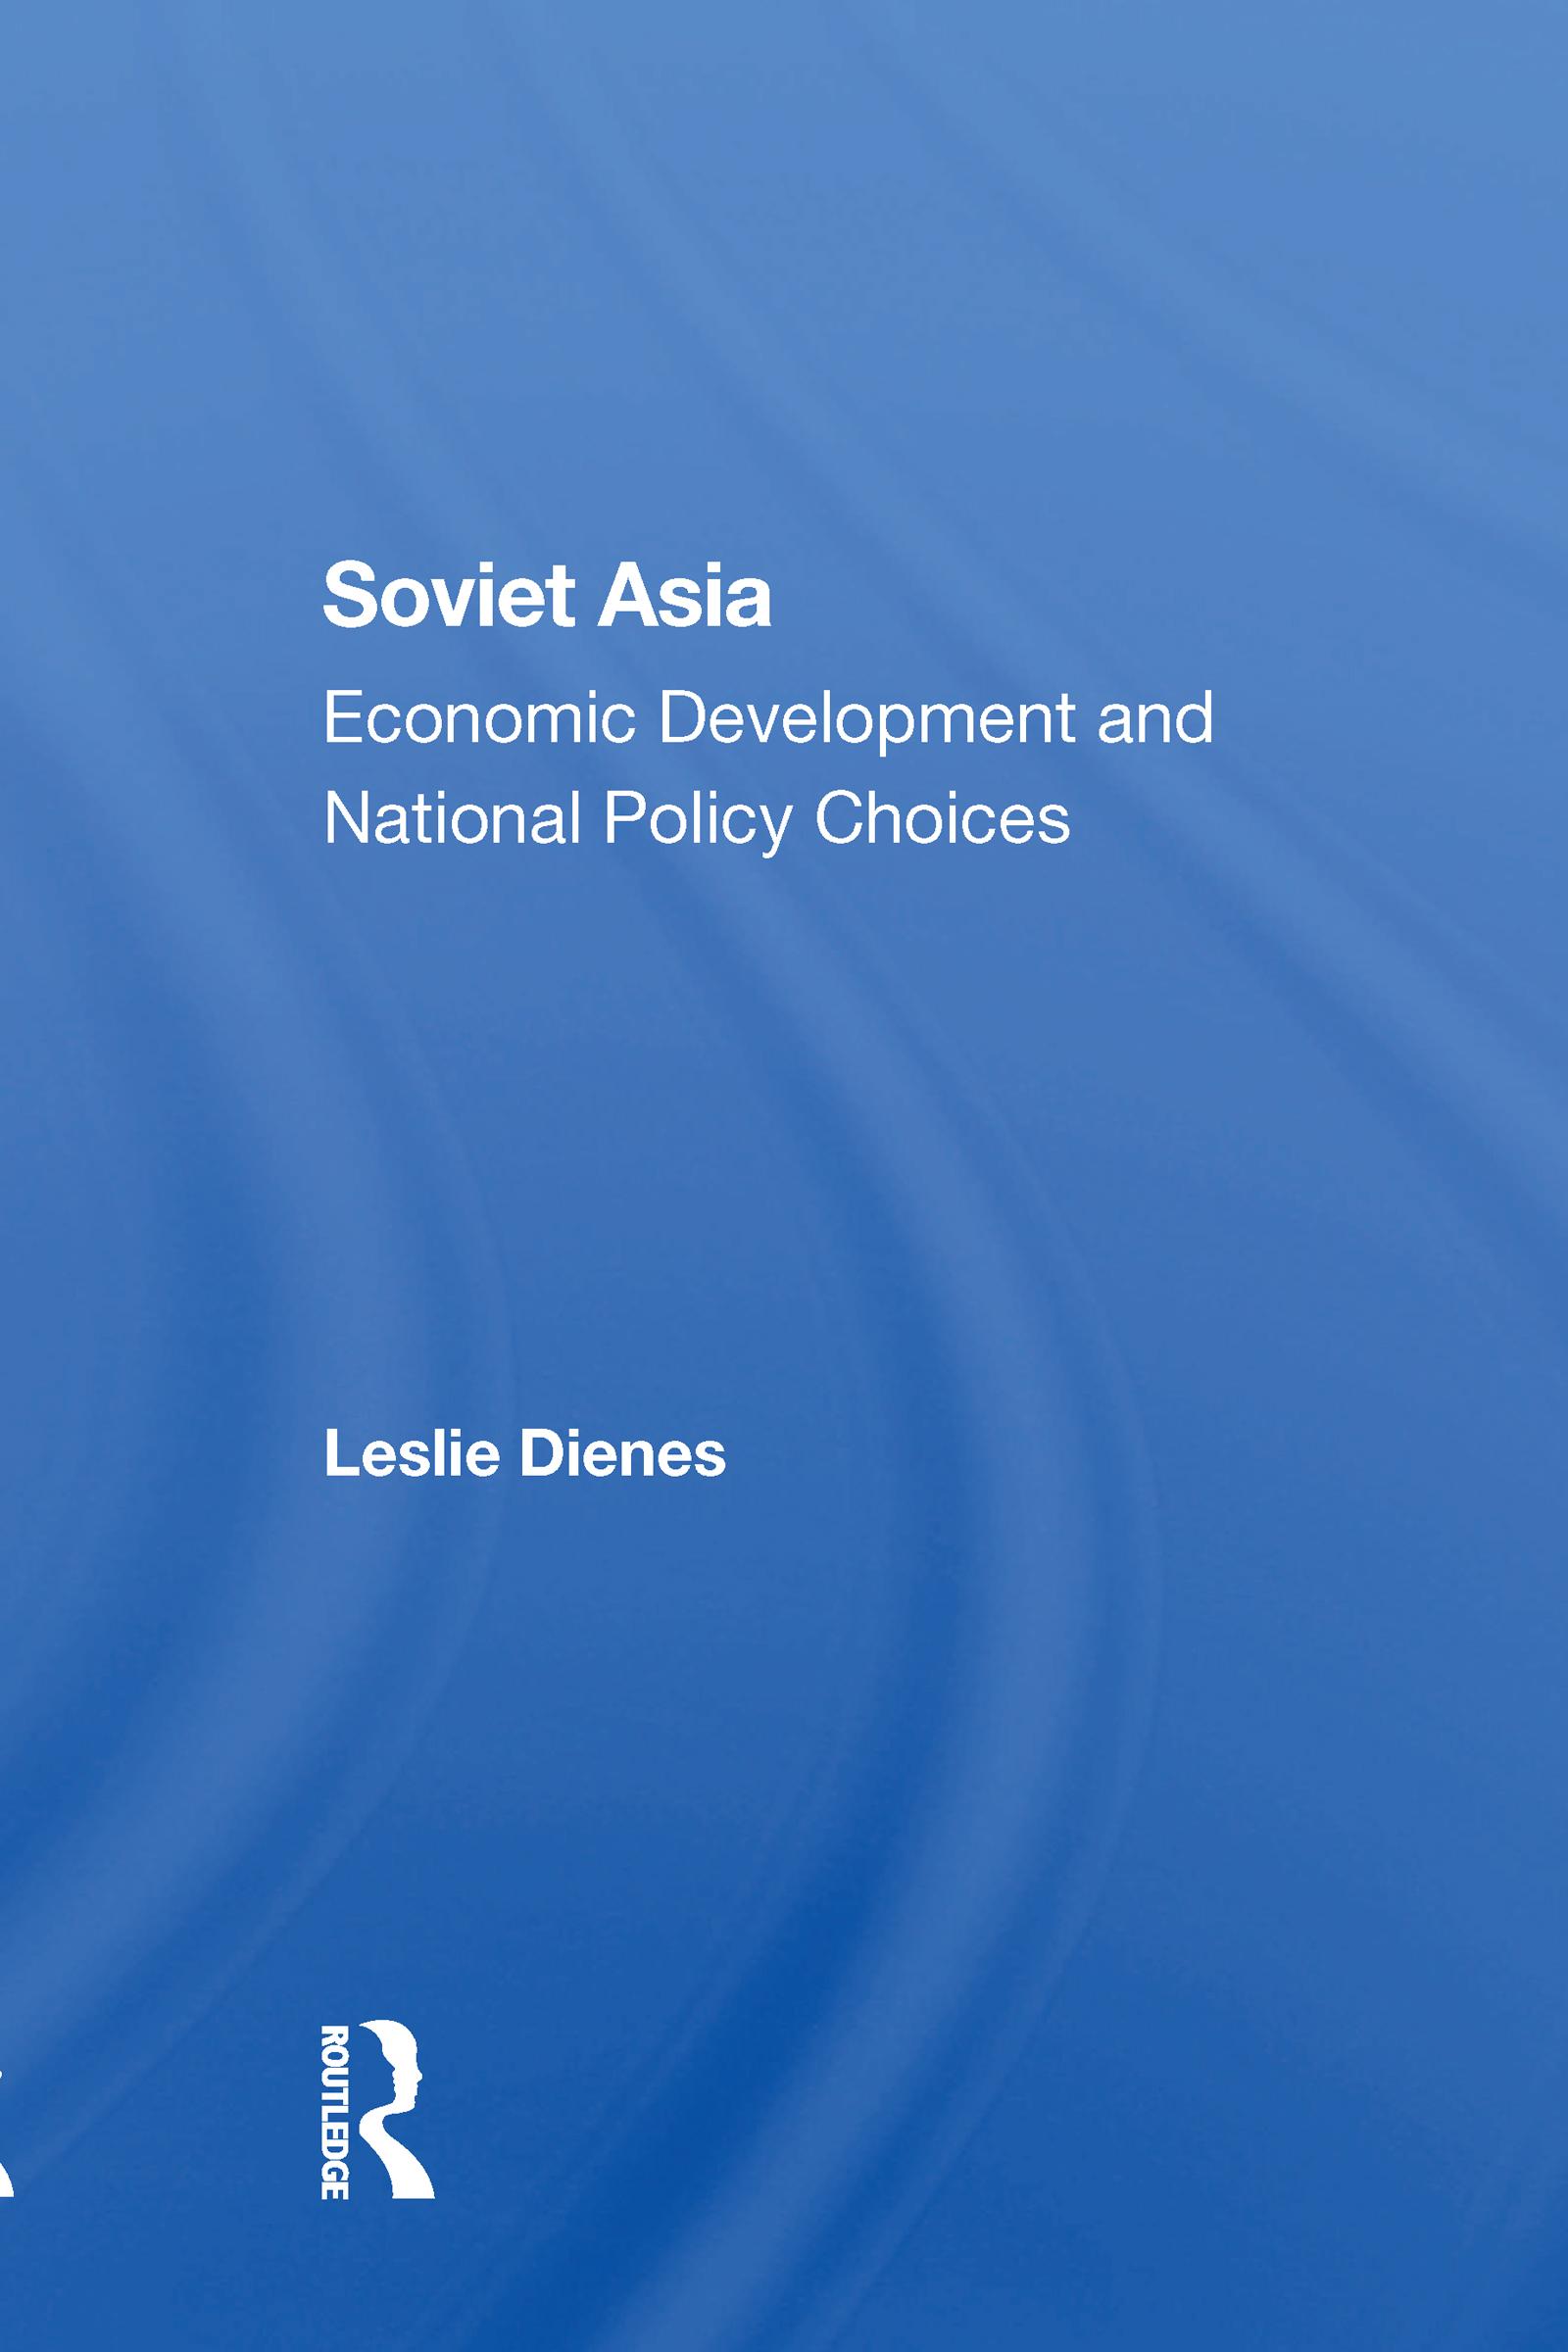 Soviet Asia